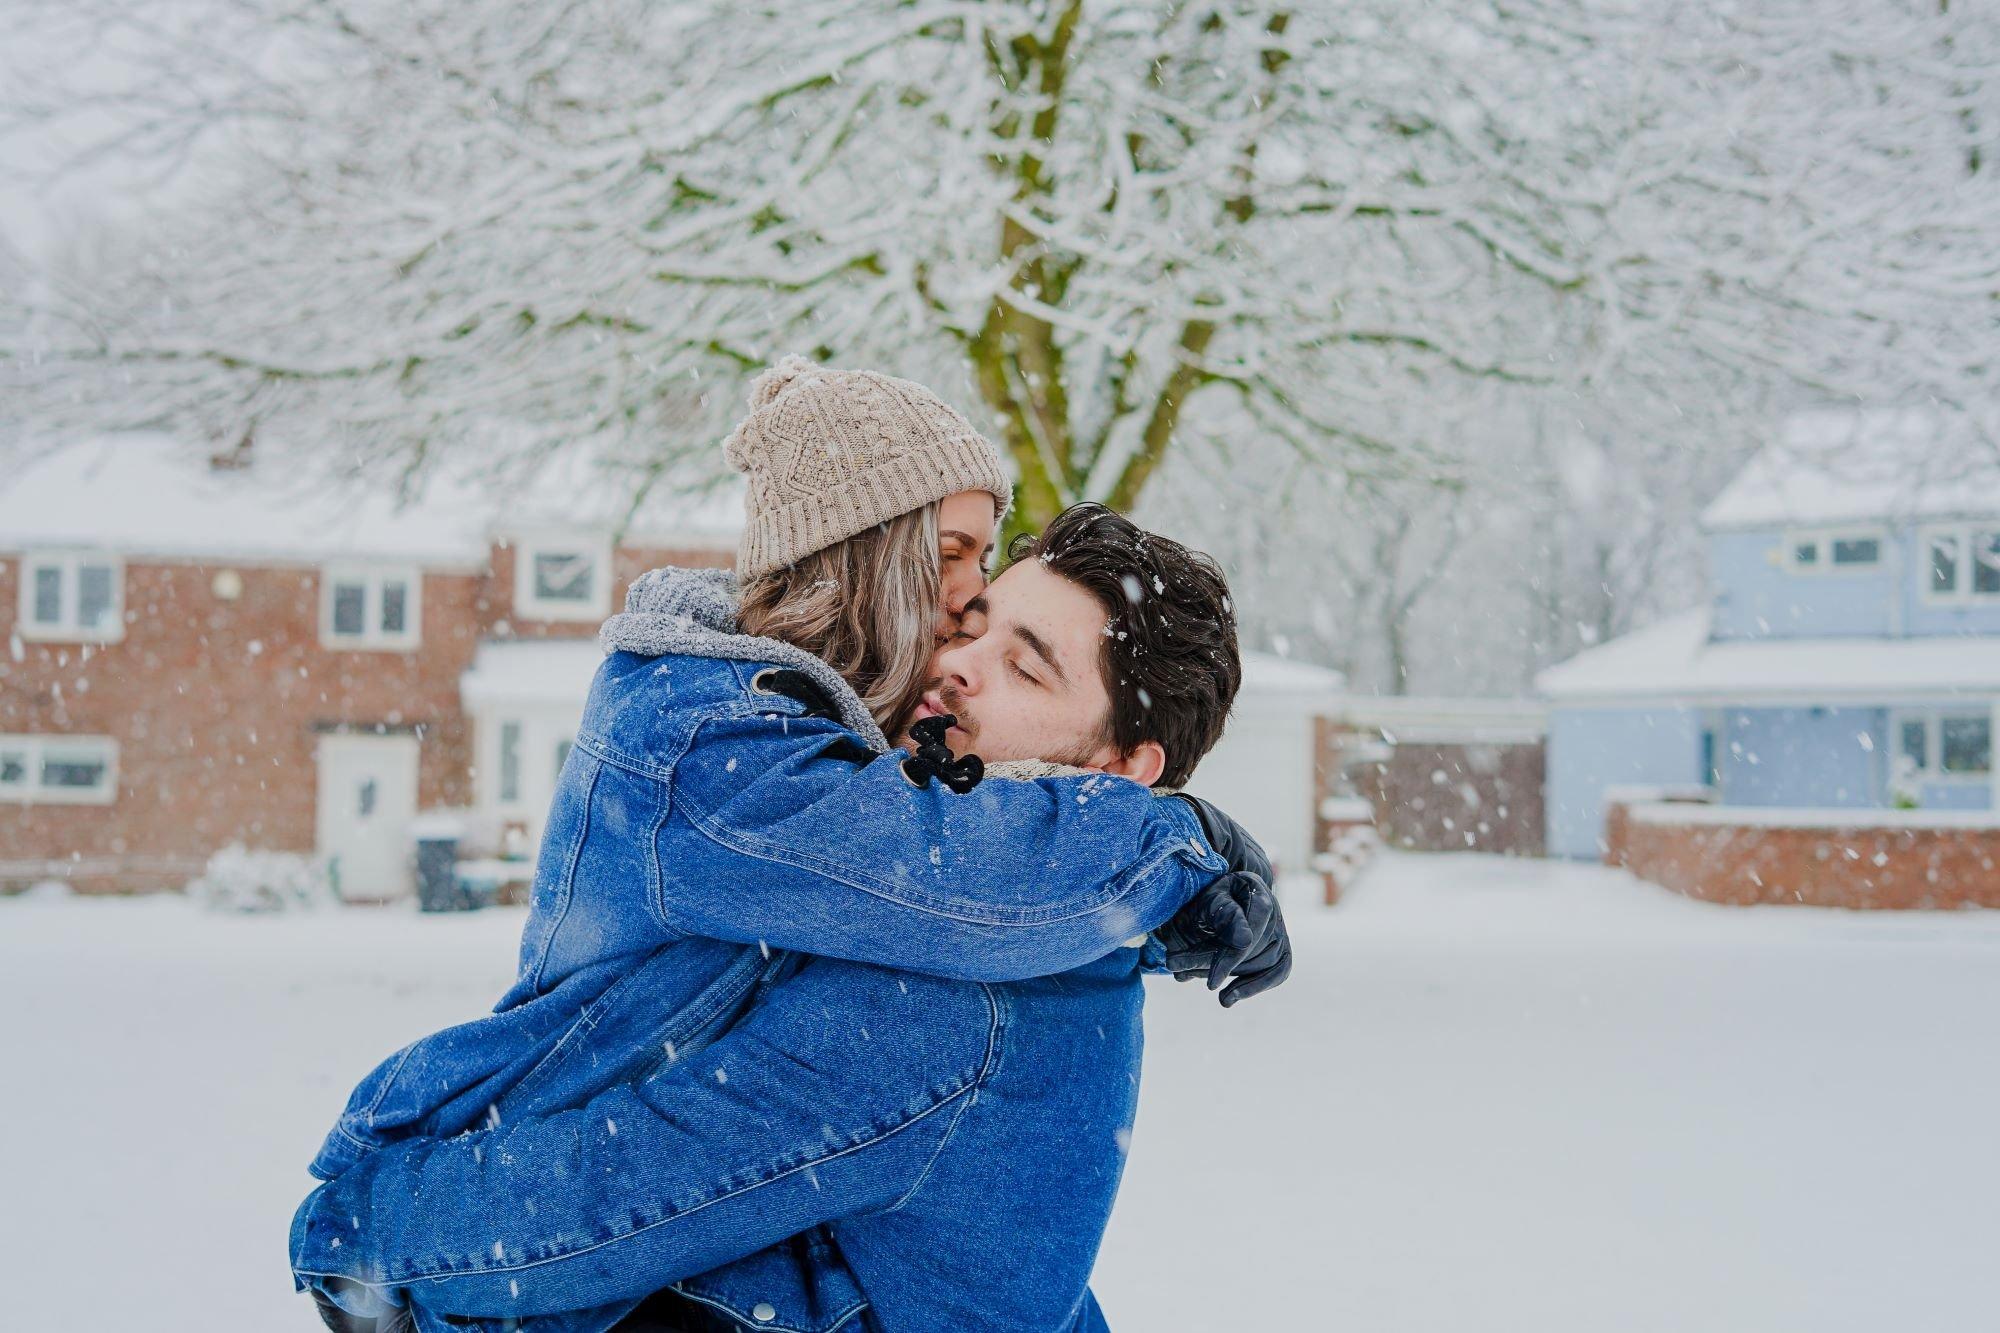 Meu Companheiro Frases Tumblr Para Namorados Namoro